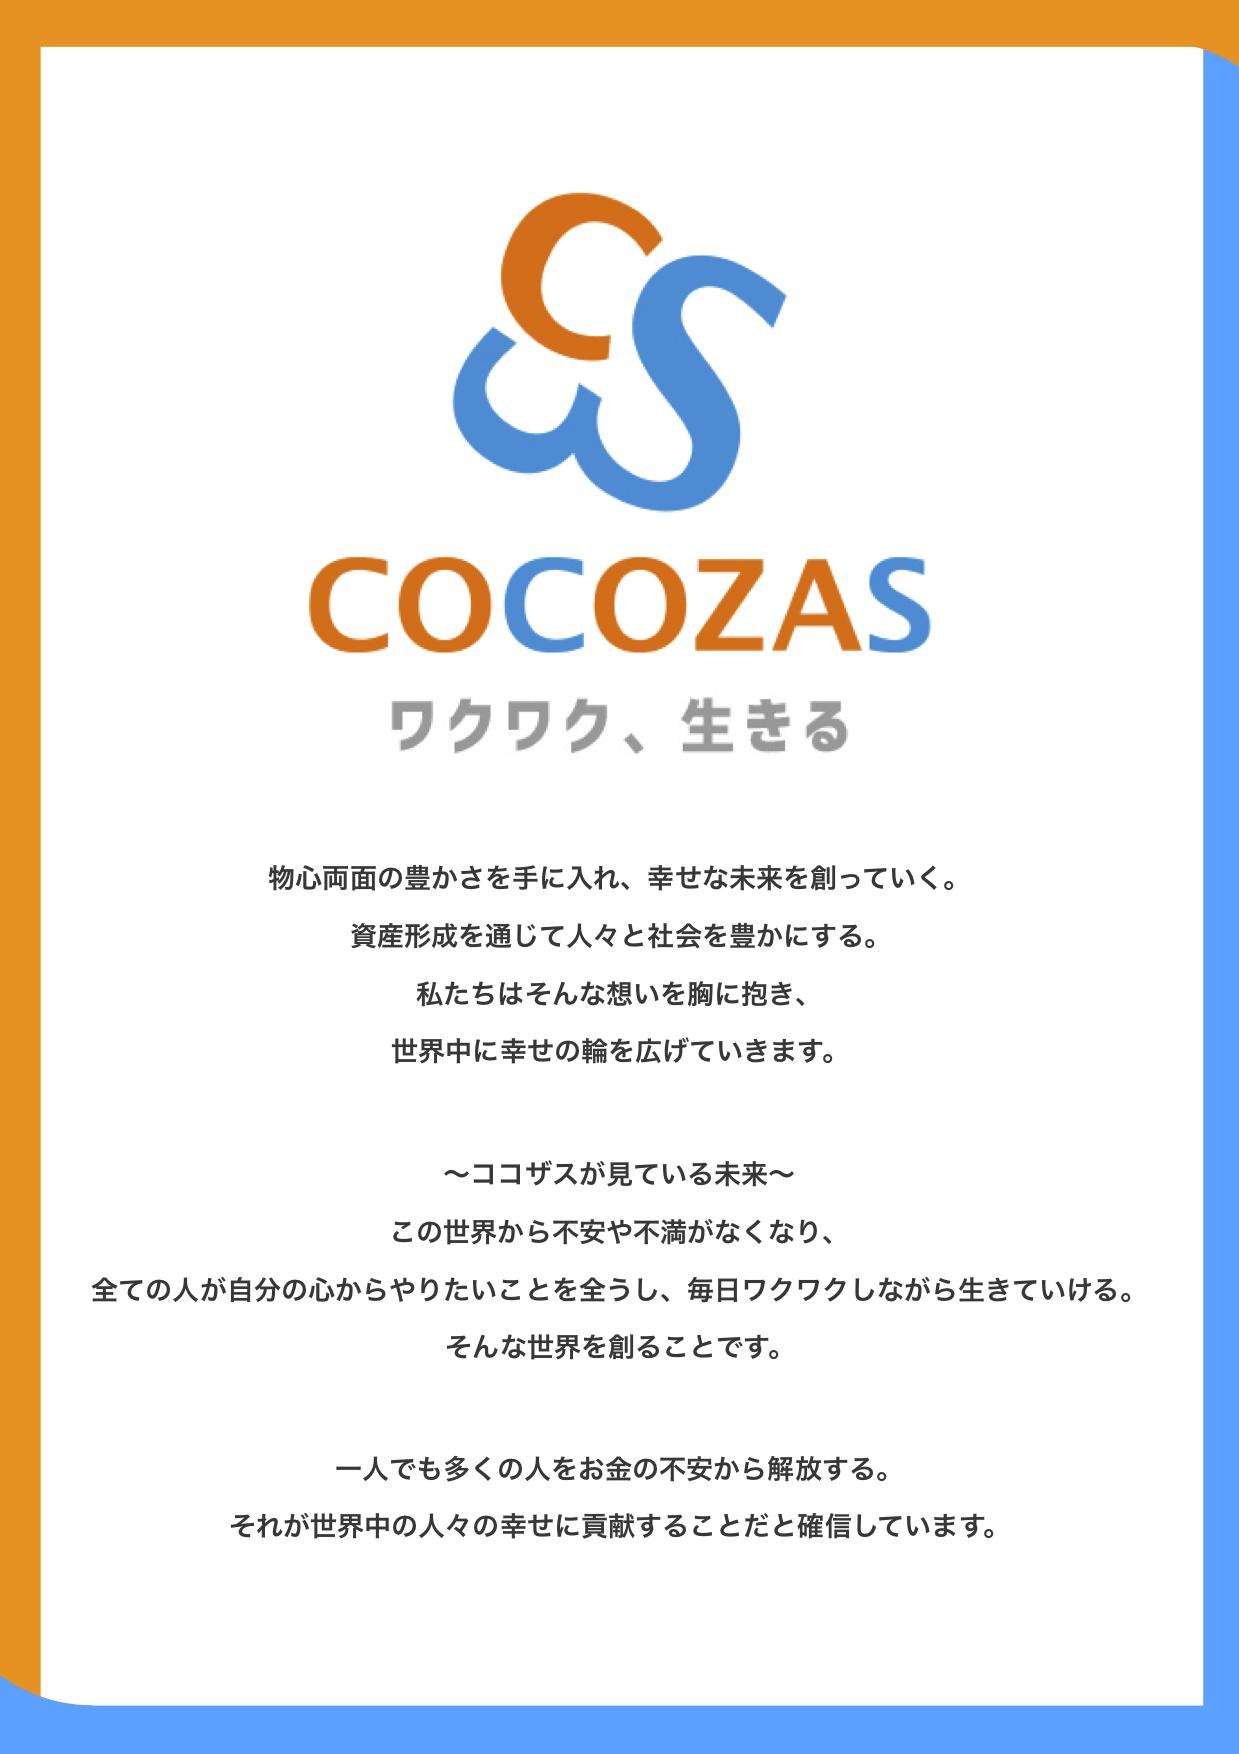 ココザス株式会社